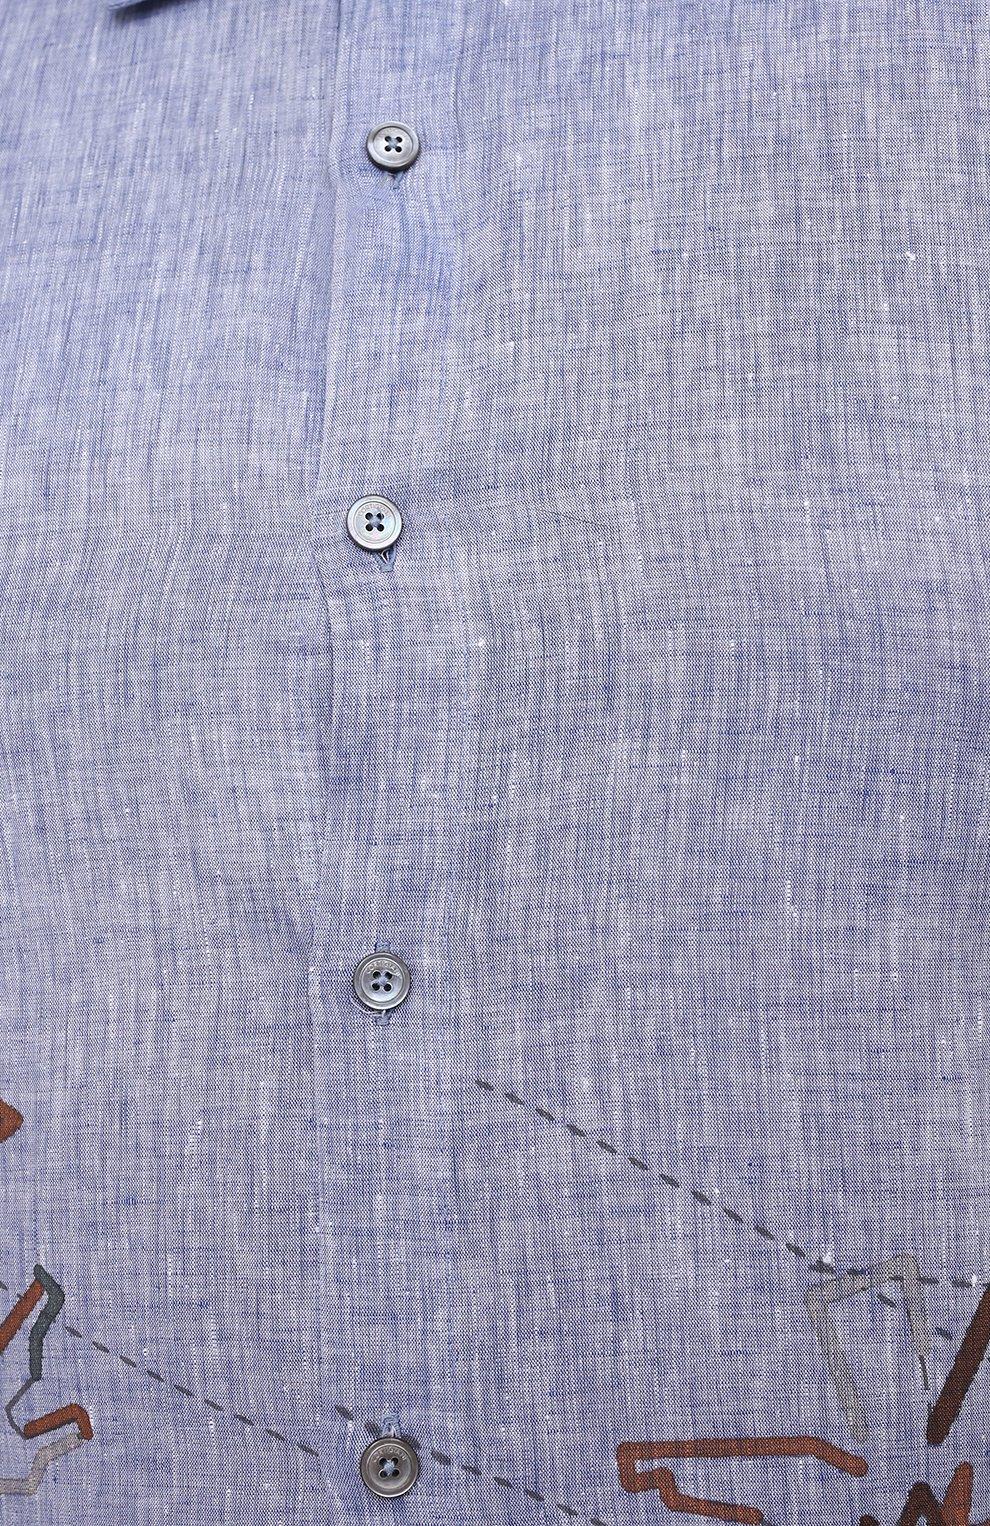 Мужская льняная рубашка CORTIGIANI синего цвета, арт. 115620/0000/60-70   Фото 5 (Воротник: Акула; Рукава: Короткие; Случай: Повседневный; Принт: С принтом; Длина (для топов): Удлиненные; Материал внешний: Лен; Стили: Кэжуэл)